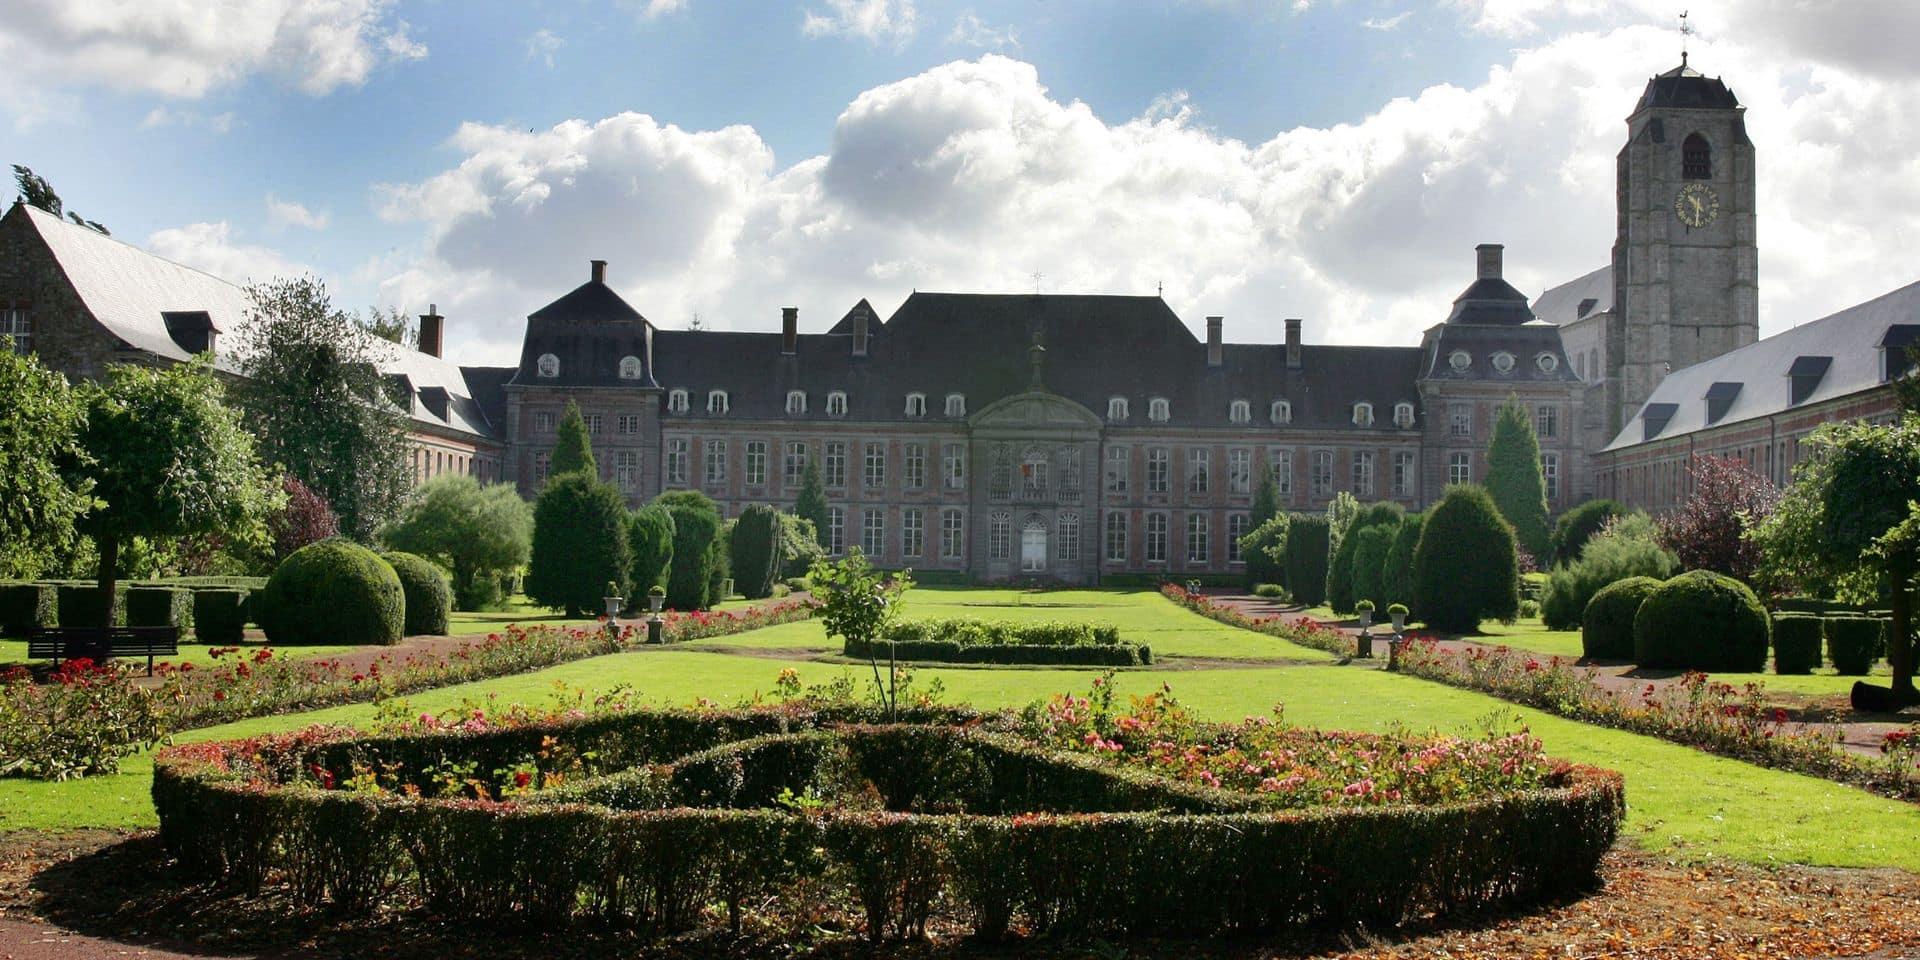 Estinnes: Un escape game pour découvrir l'abbaye de Bonne-Espérance